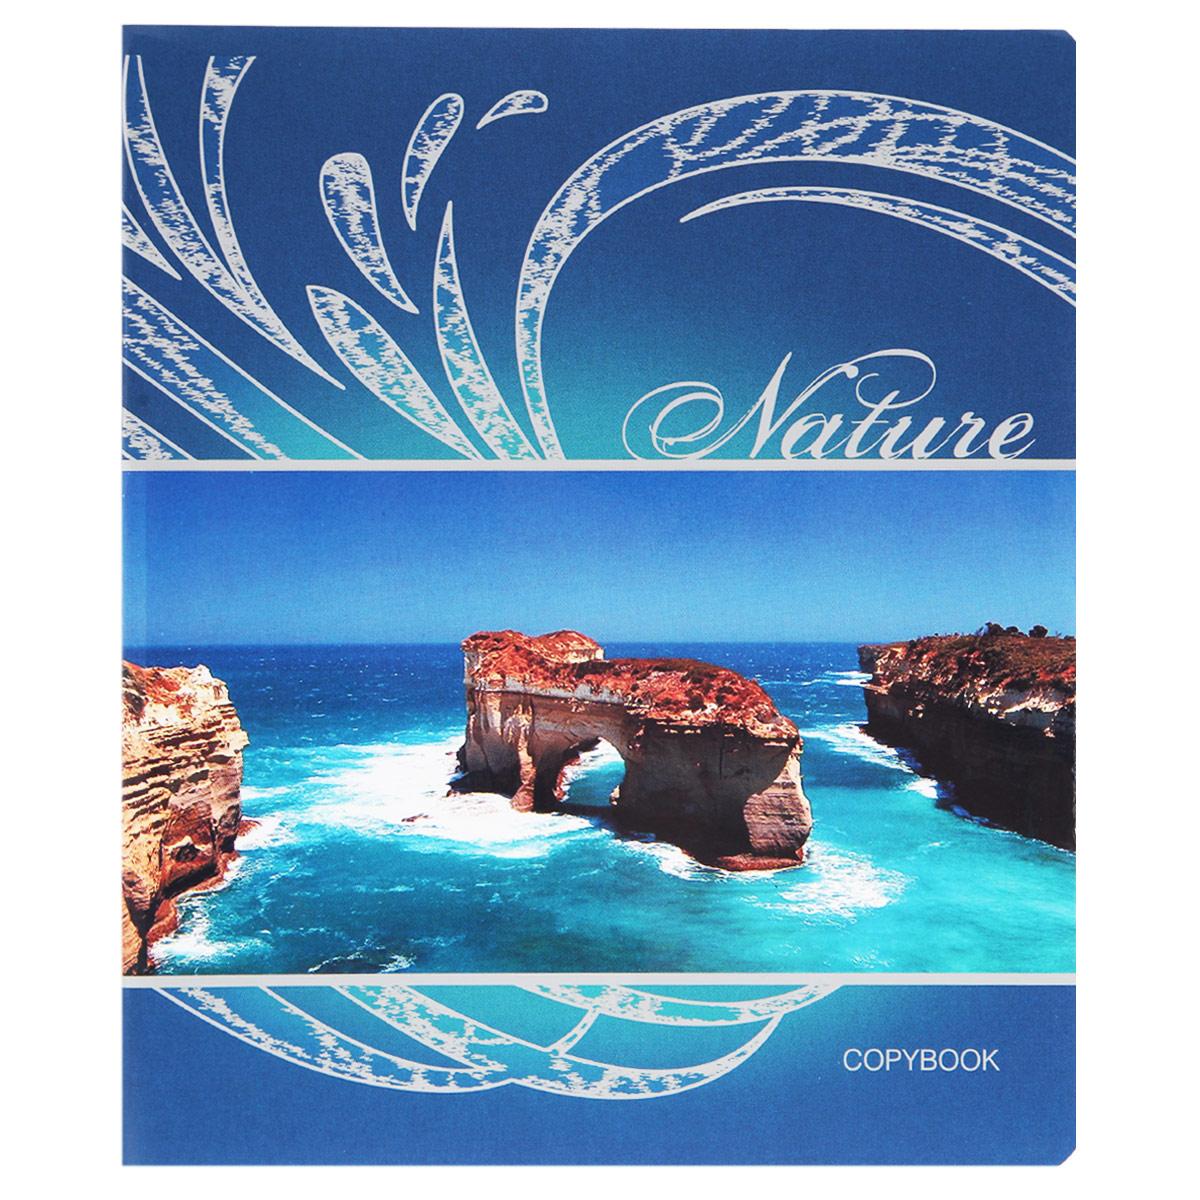 Тетрадь Blue Lagoon, 48 листов, формат А5, цвет: синий, рисунок 2652-SBТетрадь в клетку Blue Lagoon подойдет как студенту, так и школьнику. Обложка тетради с закругленными углами выполнена из плотной бумаги. На обложке красочное изображение природы. Внутренний блок состоит из 48 листов белой бумаги. Стандартная линовка в клетку дополнена полями, совпадающими с лицевой и оборотной стороны листа.